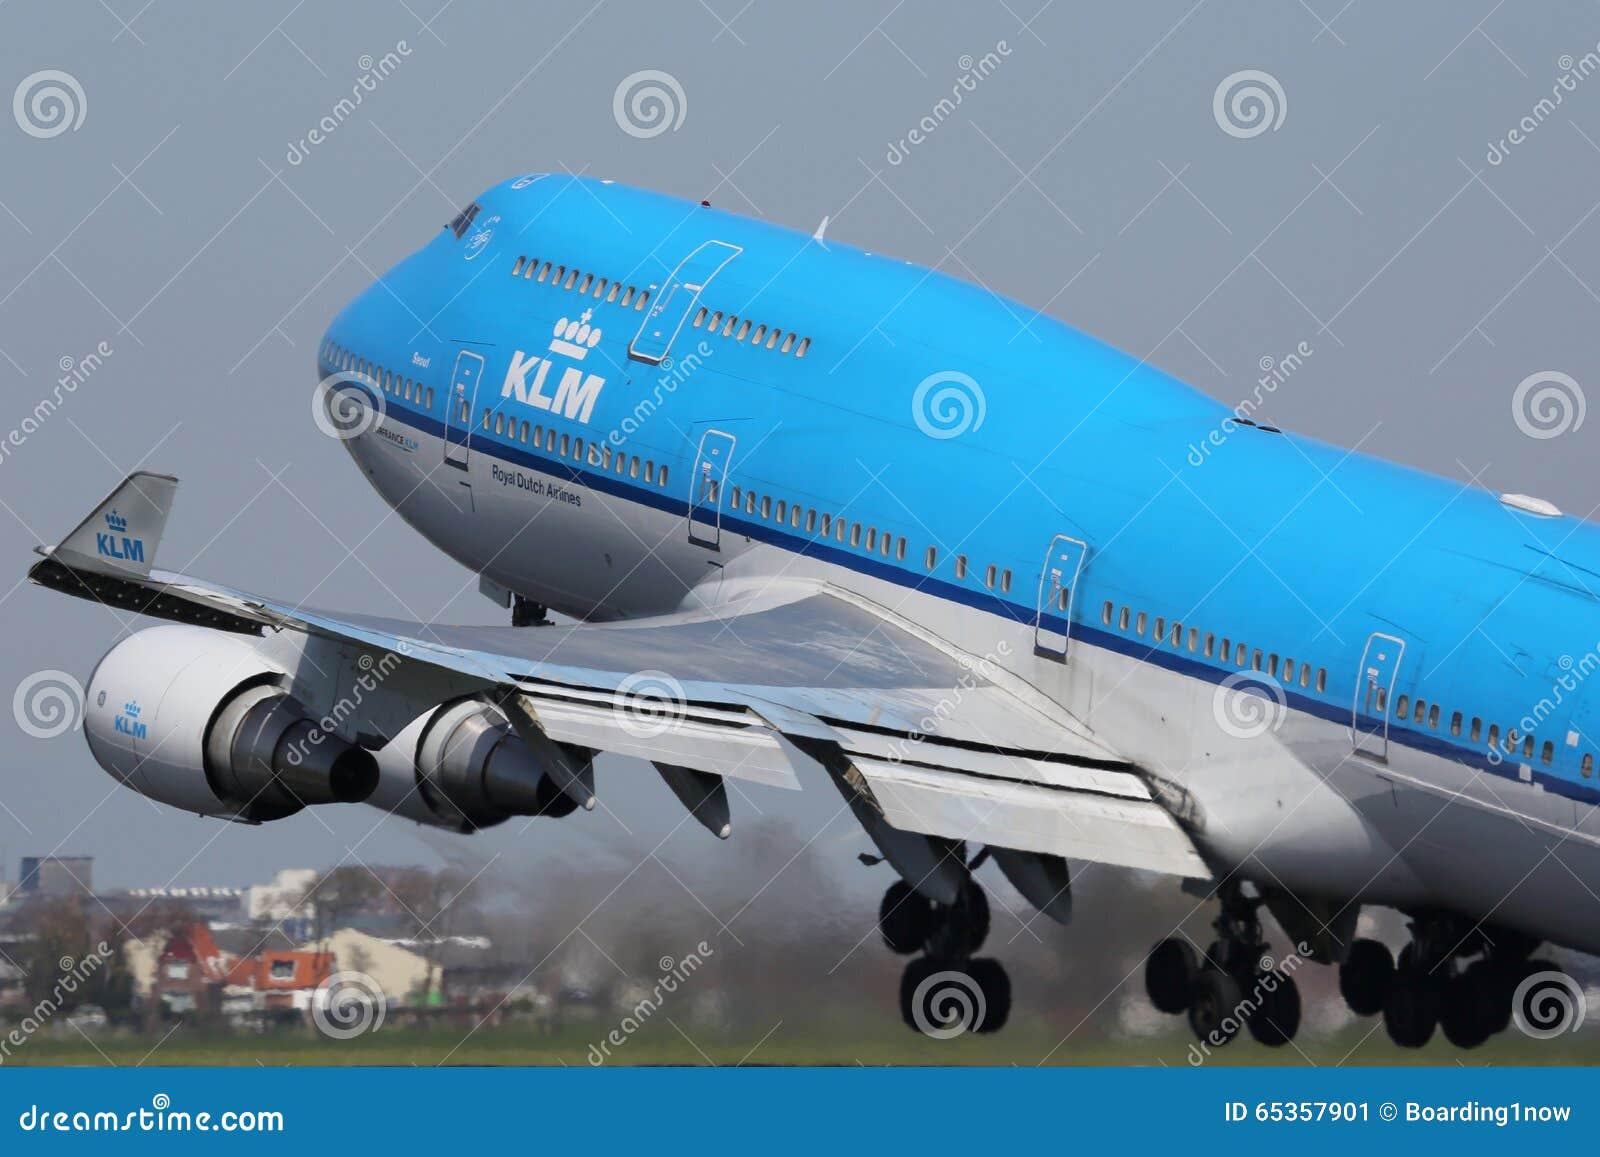 Картинки по запросу фото самолёт KLM в Амстердаме